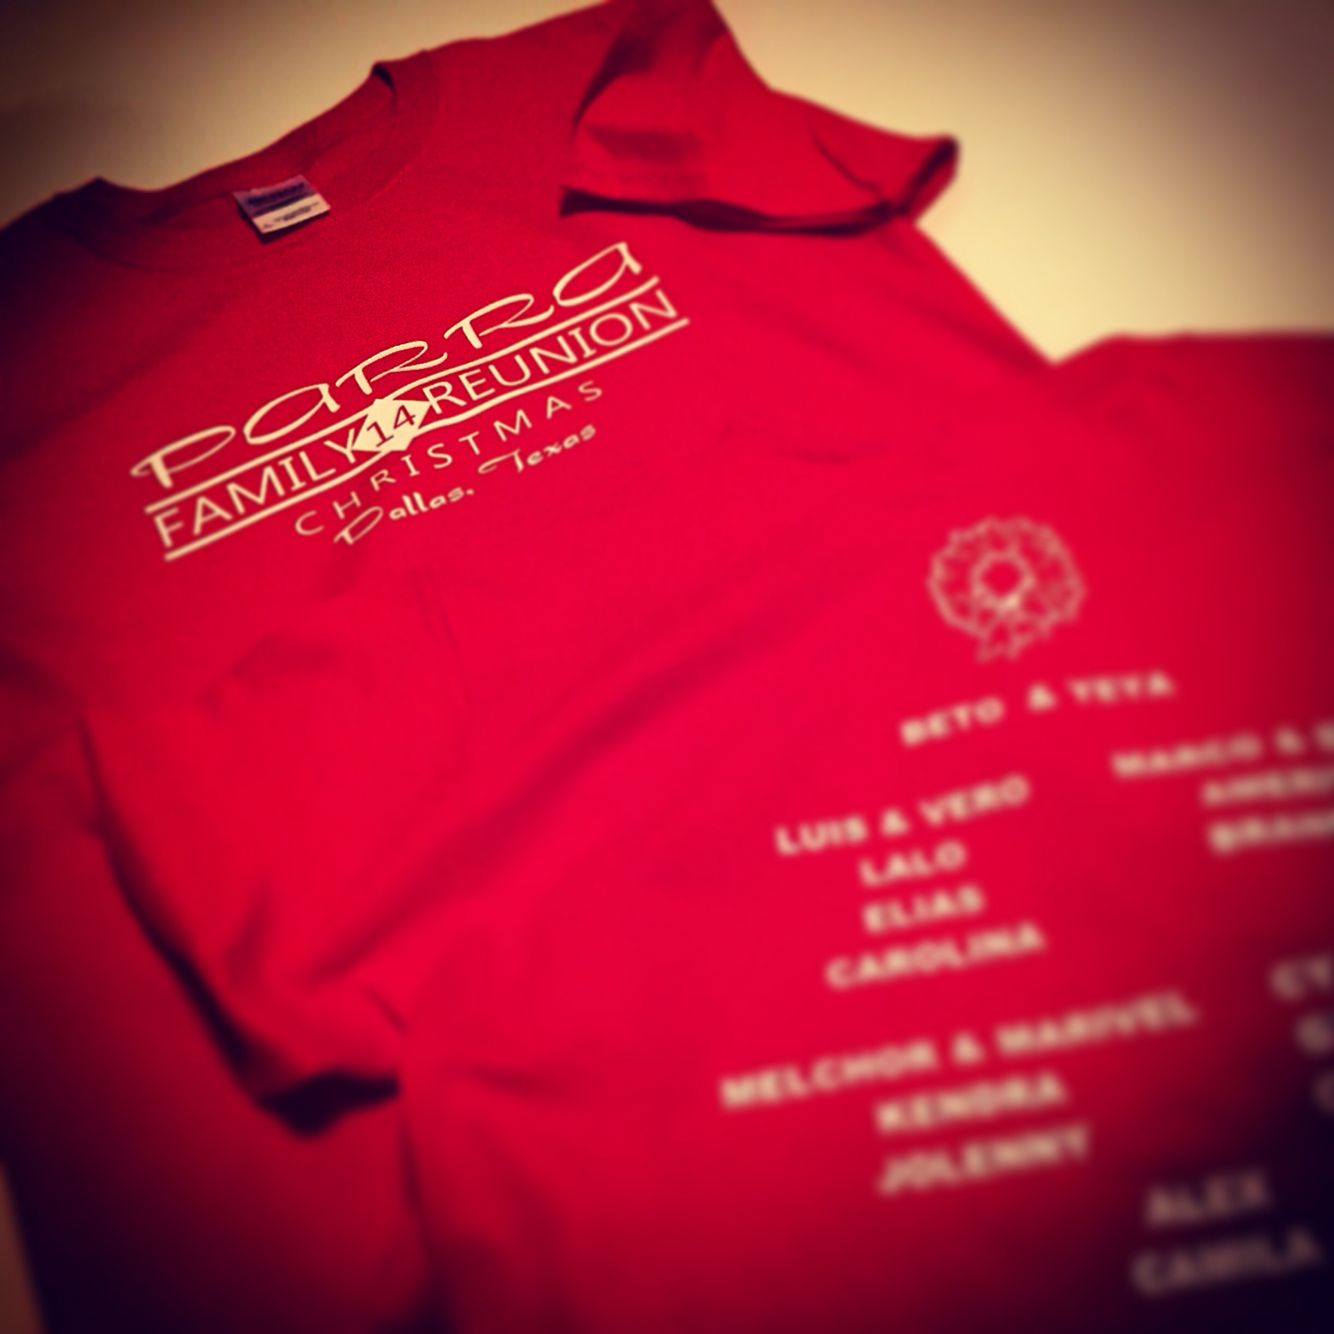 Family Reunion Shirt Ideas Pinterest Carrerasconfuturo Com